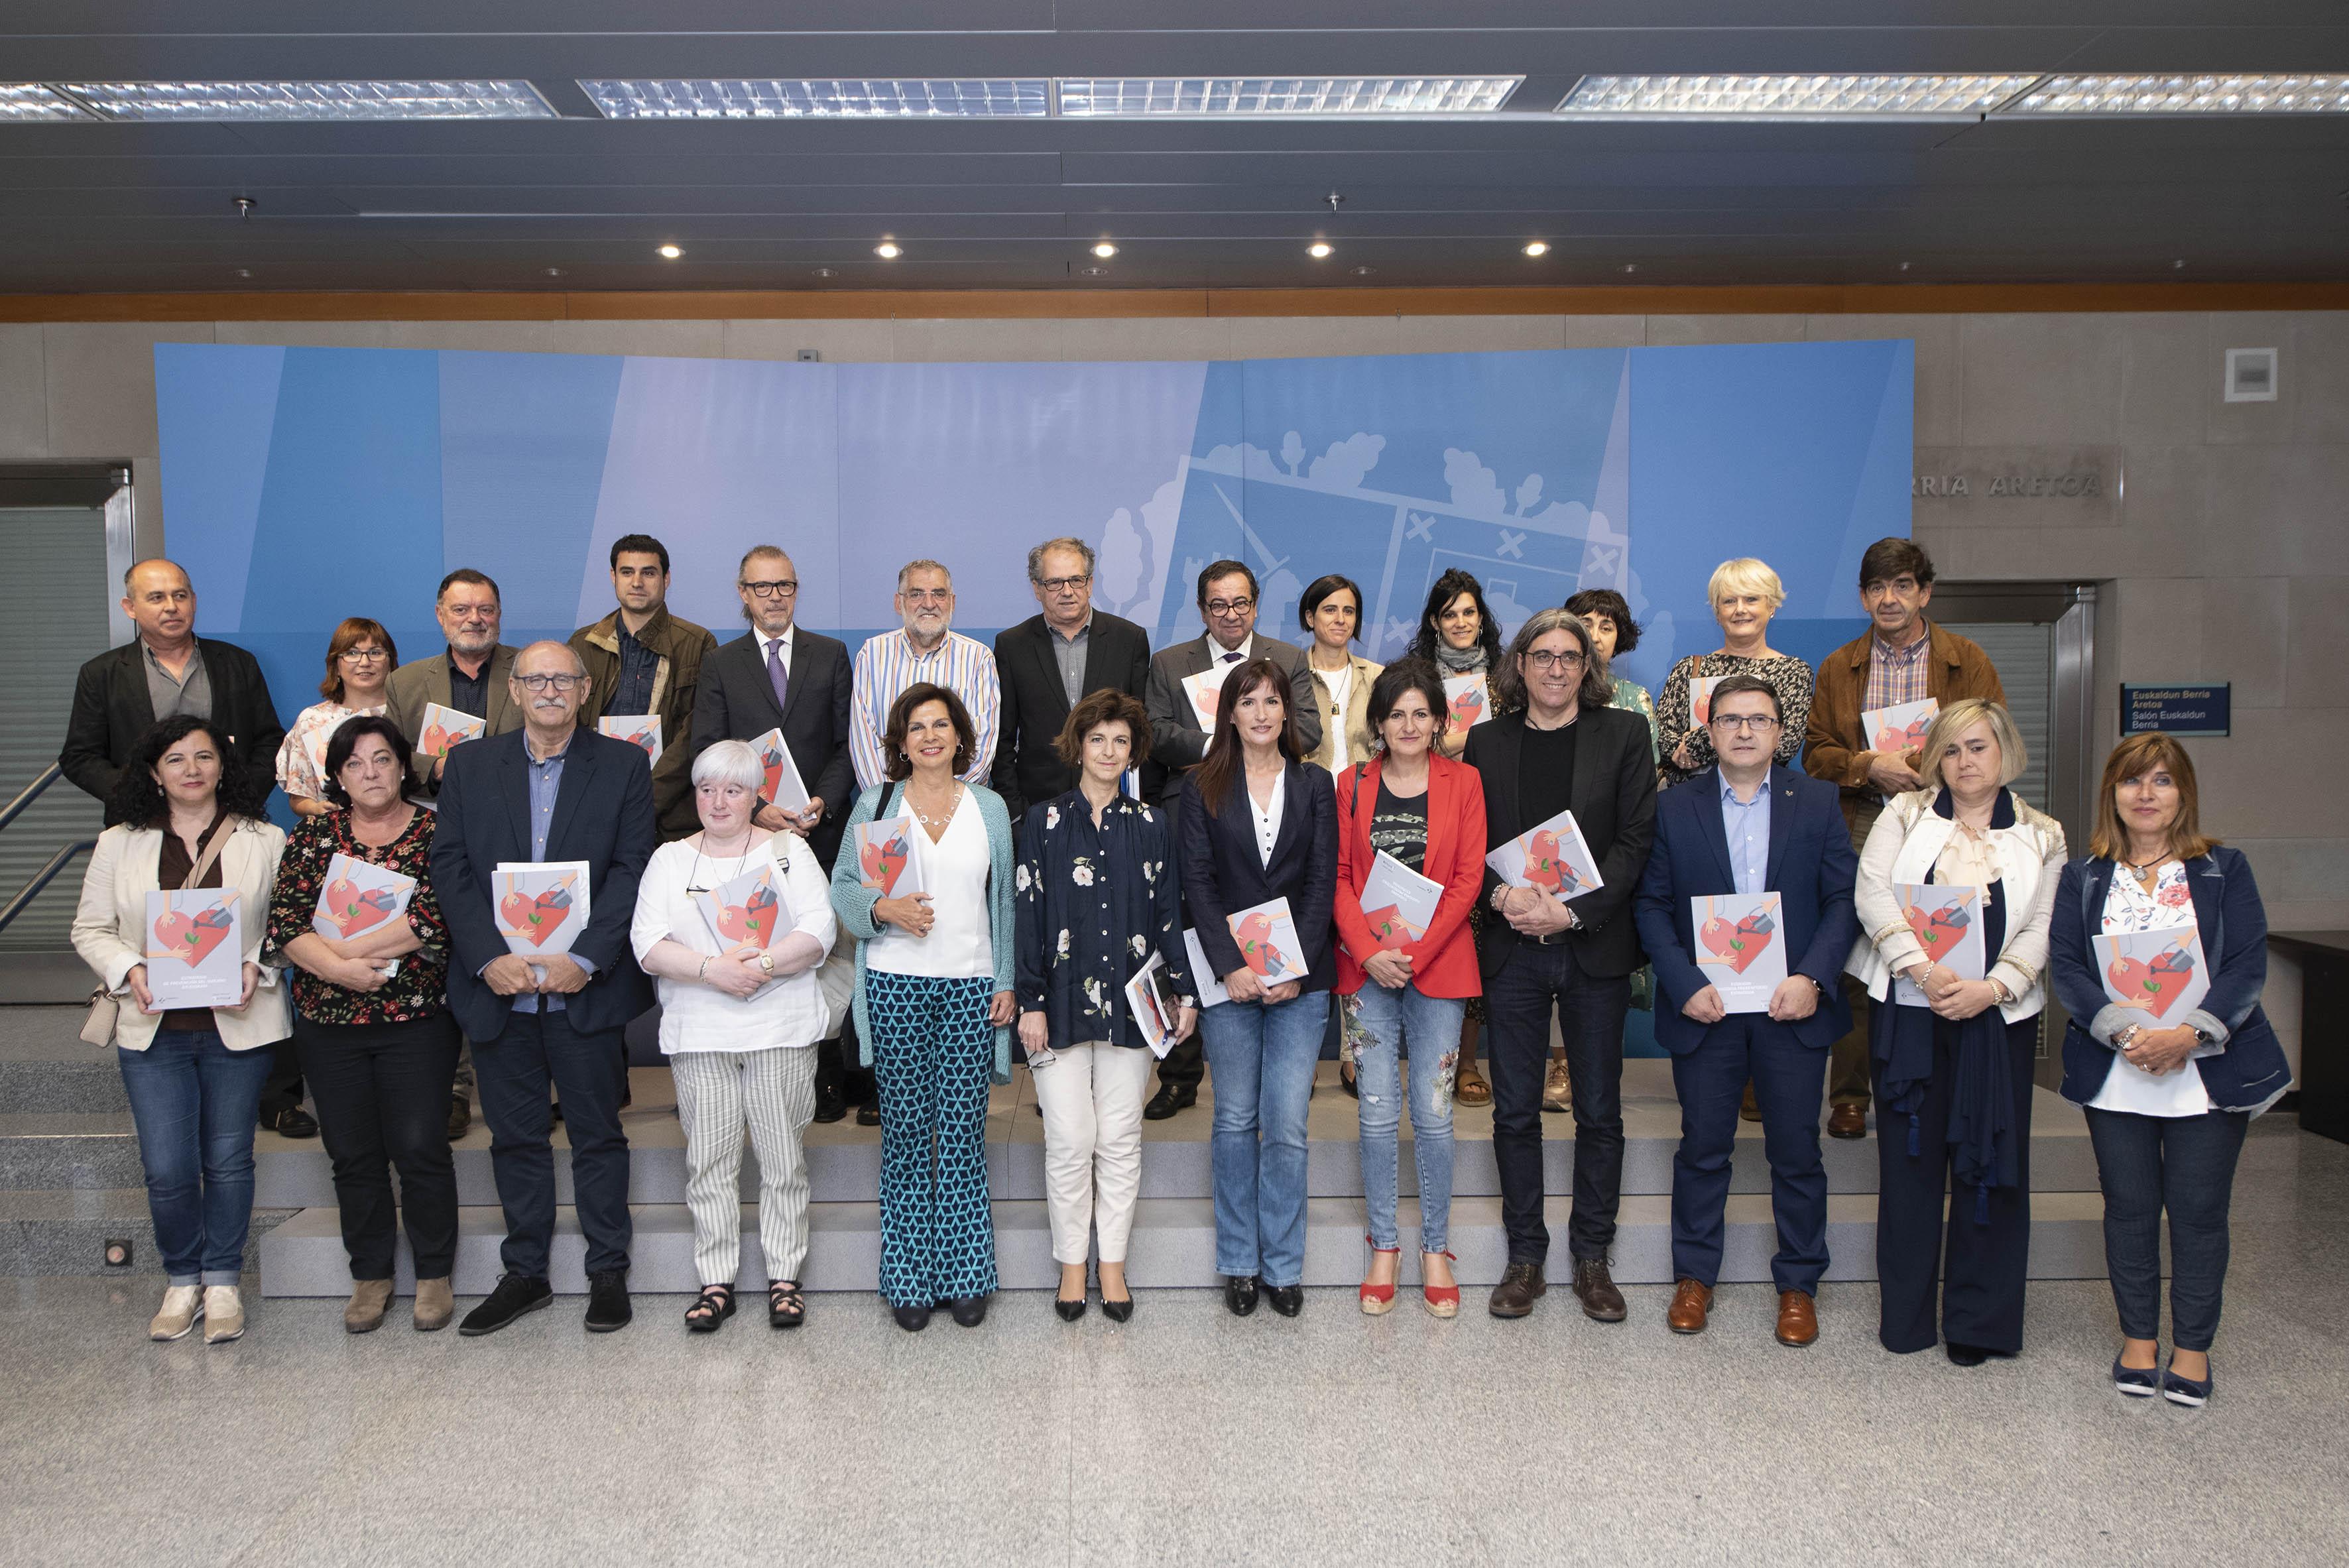 Euskadi impulsa la primera estrategia integral para reducir el impacto del suicidio a través de la prevención, la intervención temprana y la atención a las personas y familias afectadas